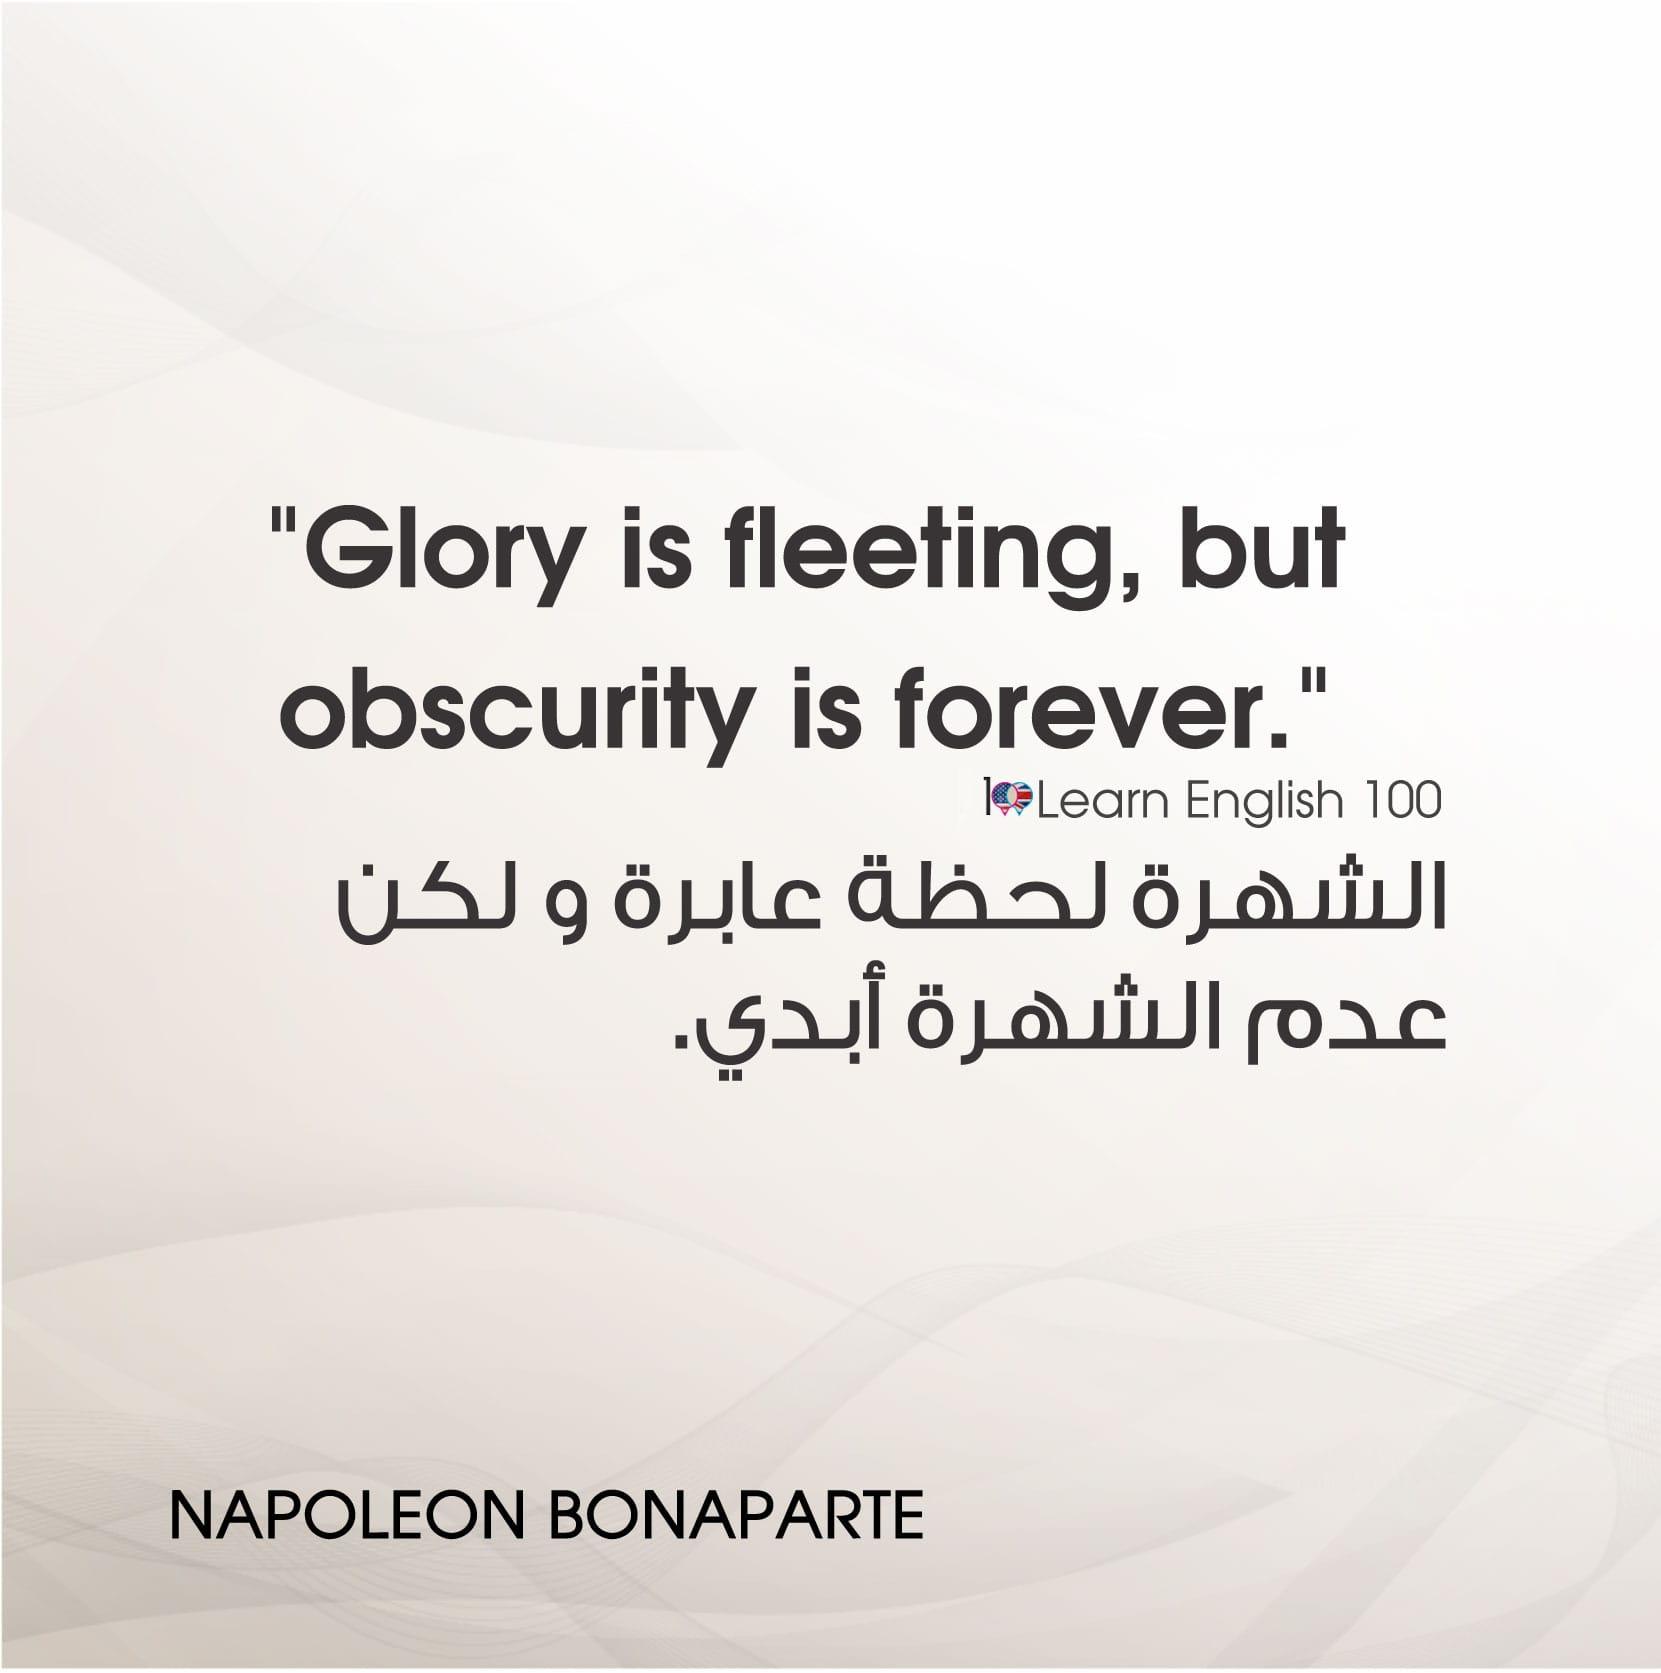 بالصور كلام جميل بالانجليزي , حكم رائعة مترجمة من العربي الي الانجليزية 2921 9